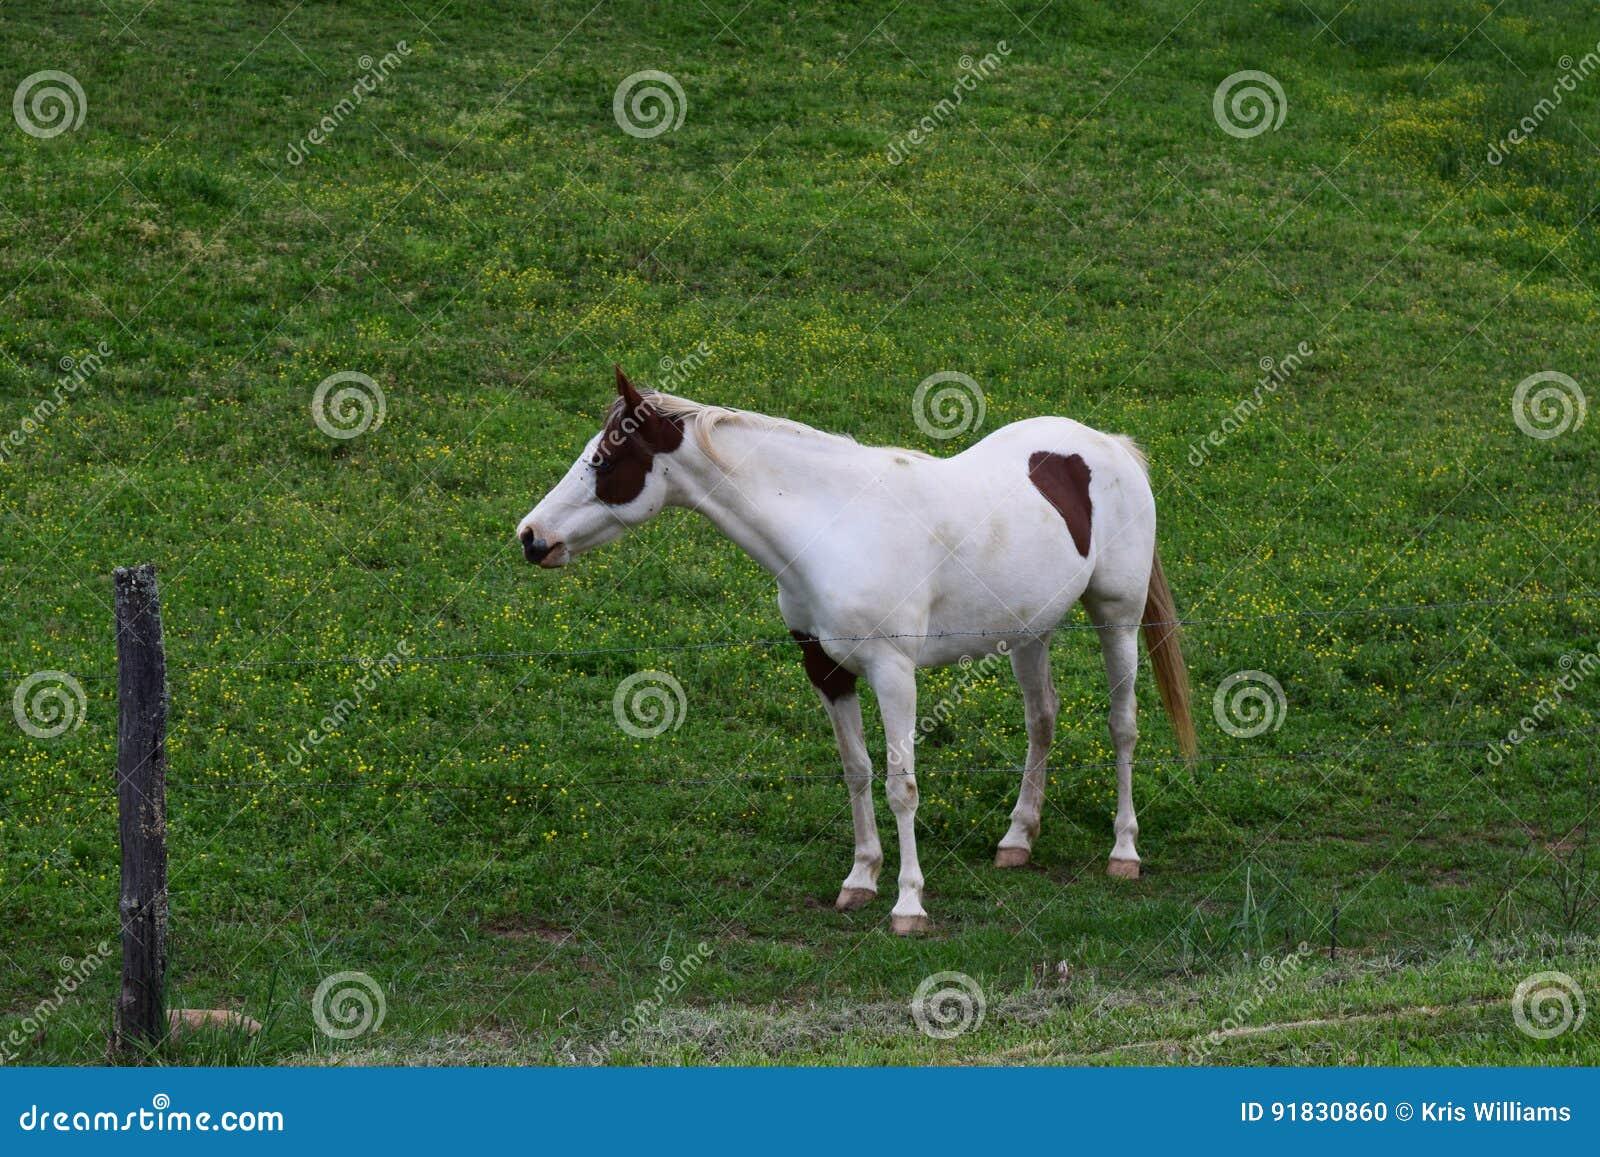 Western NC mountain farm horse